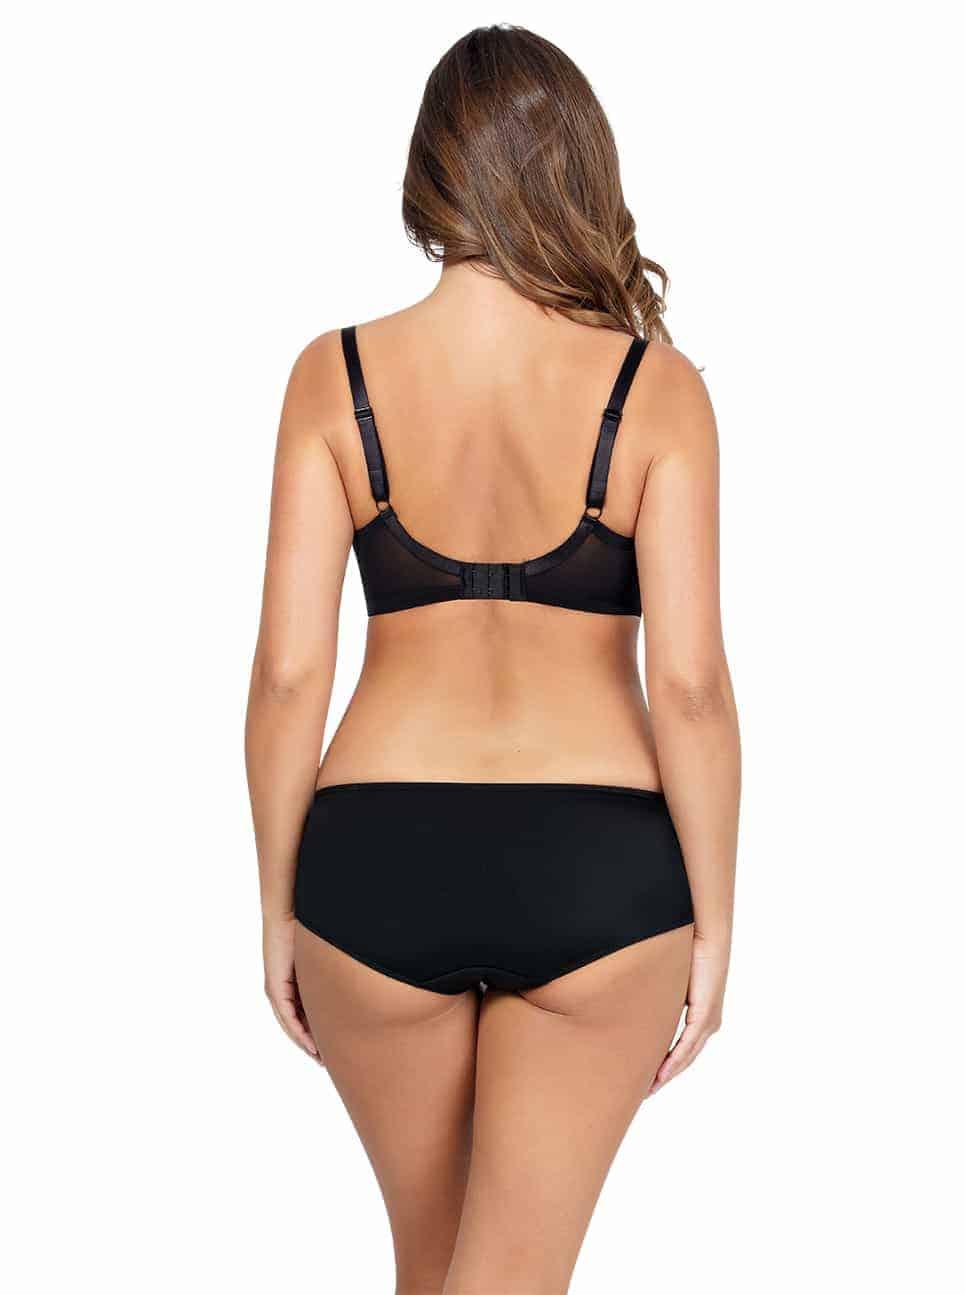 Emma PlungeMoldedBraP5490 HipsterP5495 Black Back - Emma Hipster - Black - P5495